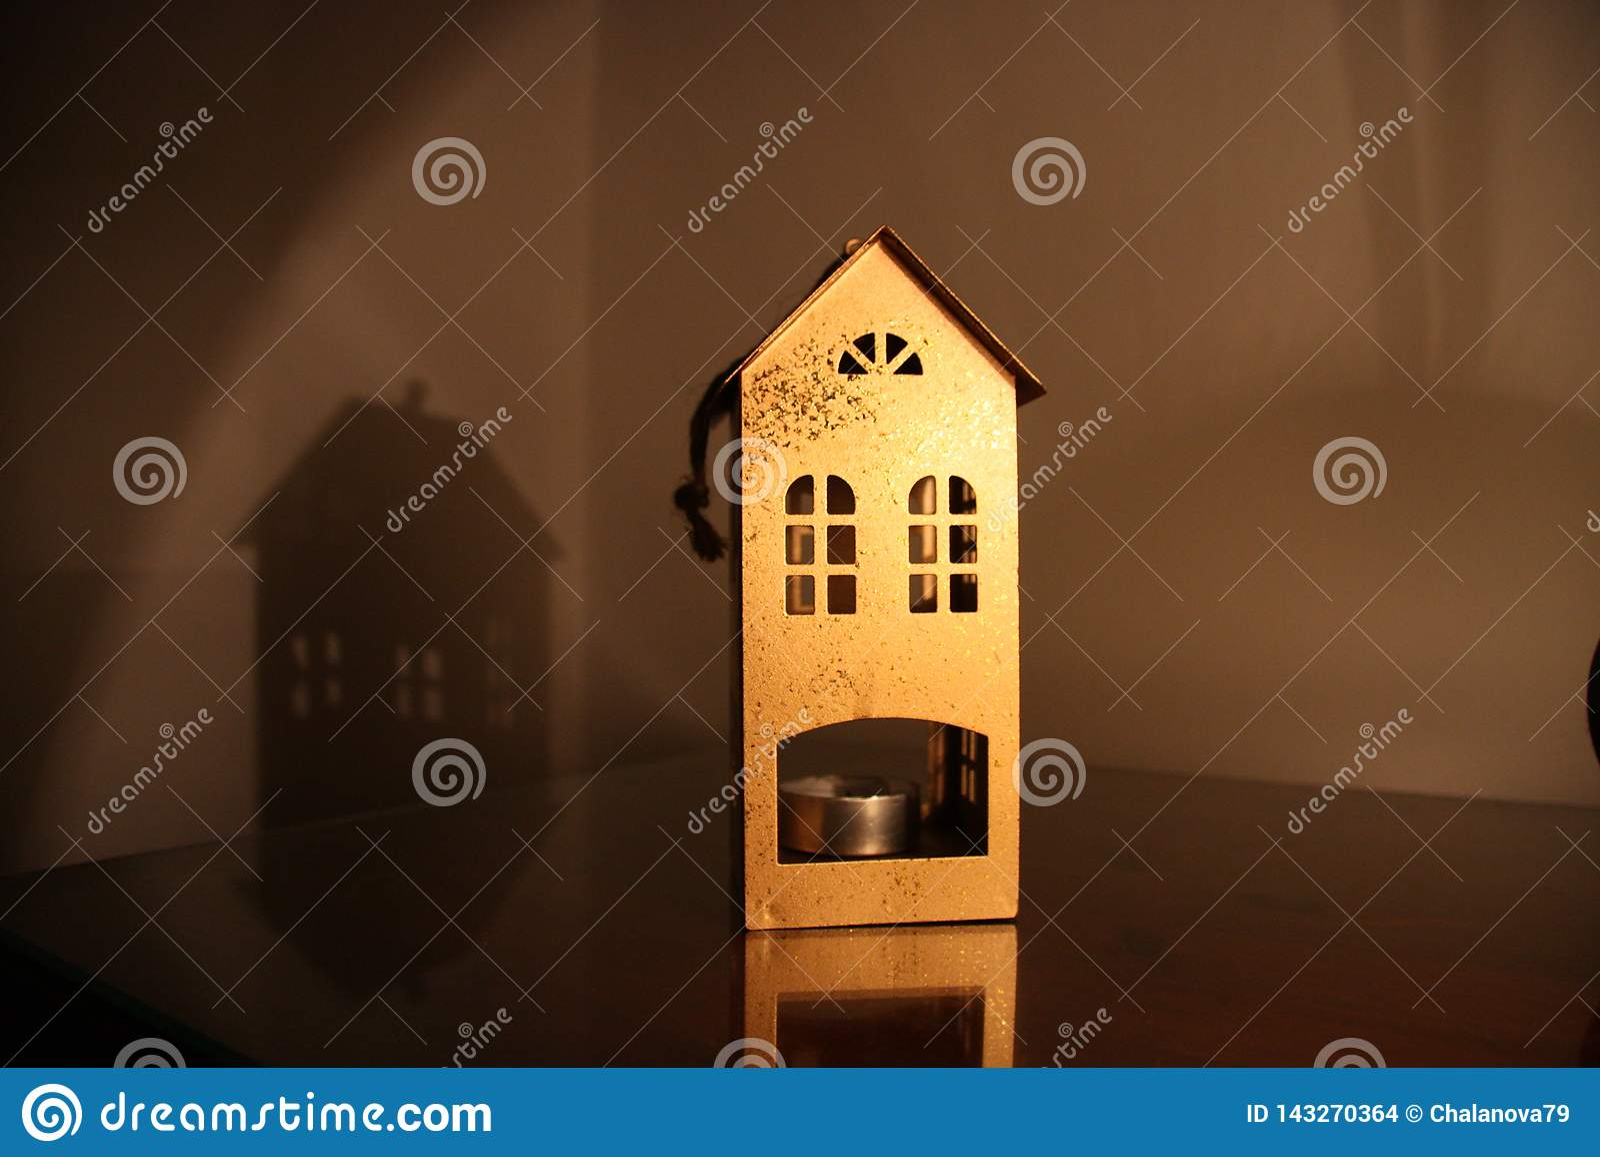 Μεταλλικό κηροπήγιο υπό μορφή σπιτιού στον πίνακα το σκοτεινό βράδυ με το φως λαμπτήρων